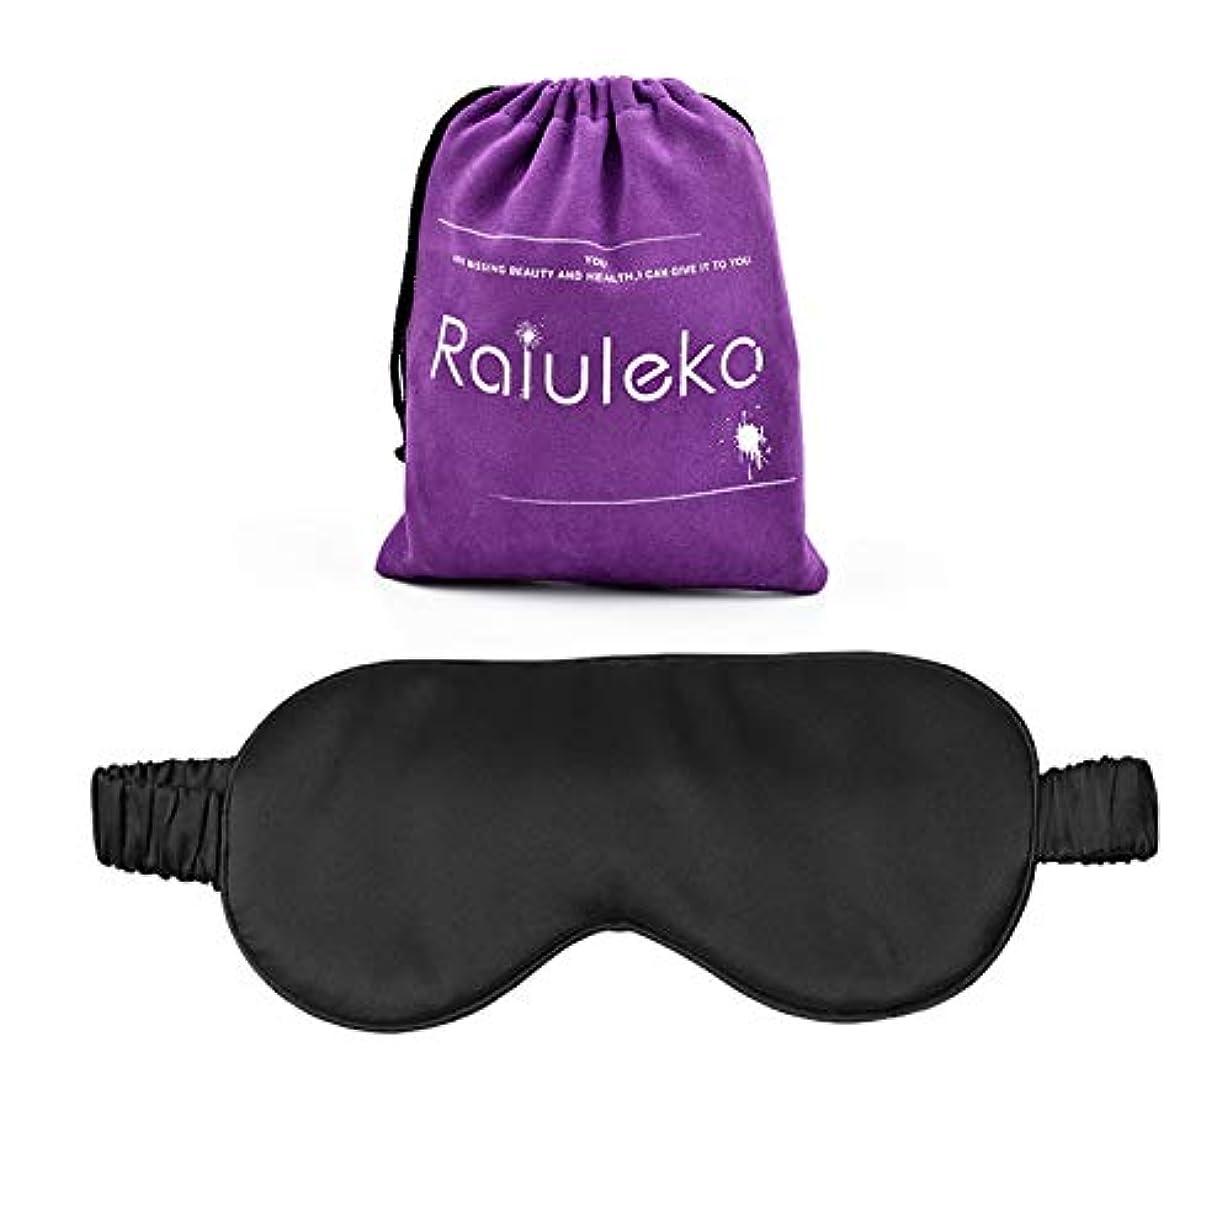 突き出す対角線狂ったNOTE 2色高級シルク3dアイマスク両面ソフトトラベルリラックスシェーディングスリーピングゴーグル通気性睡眠補助アイパッチマスク